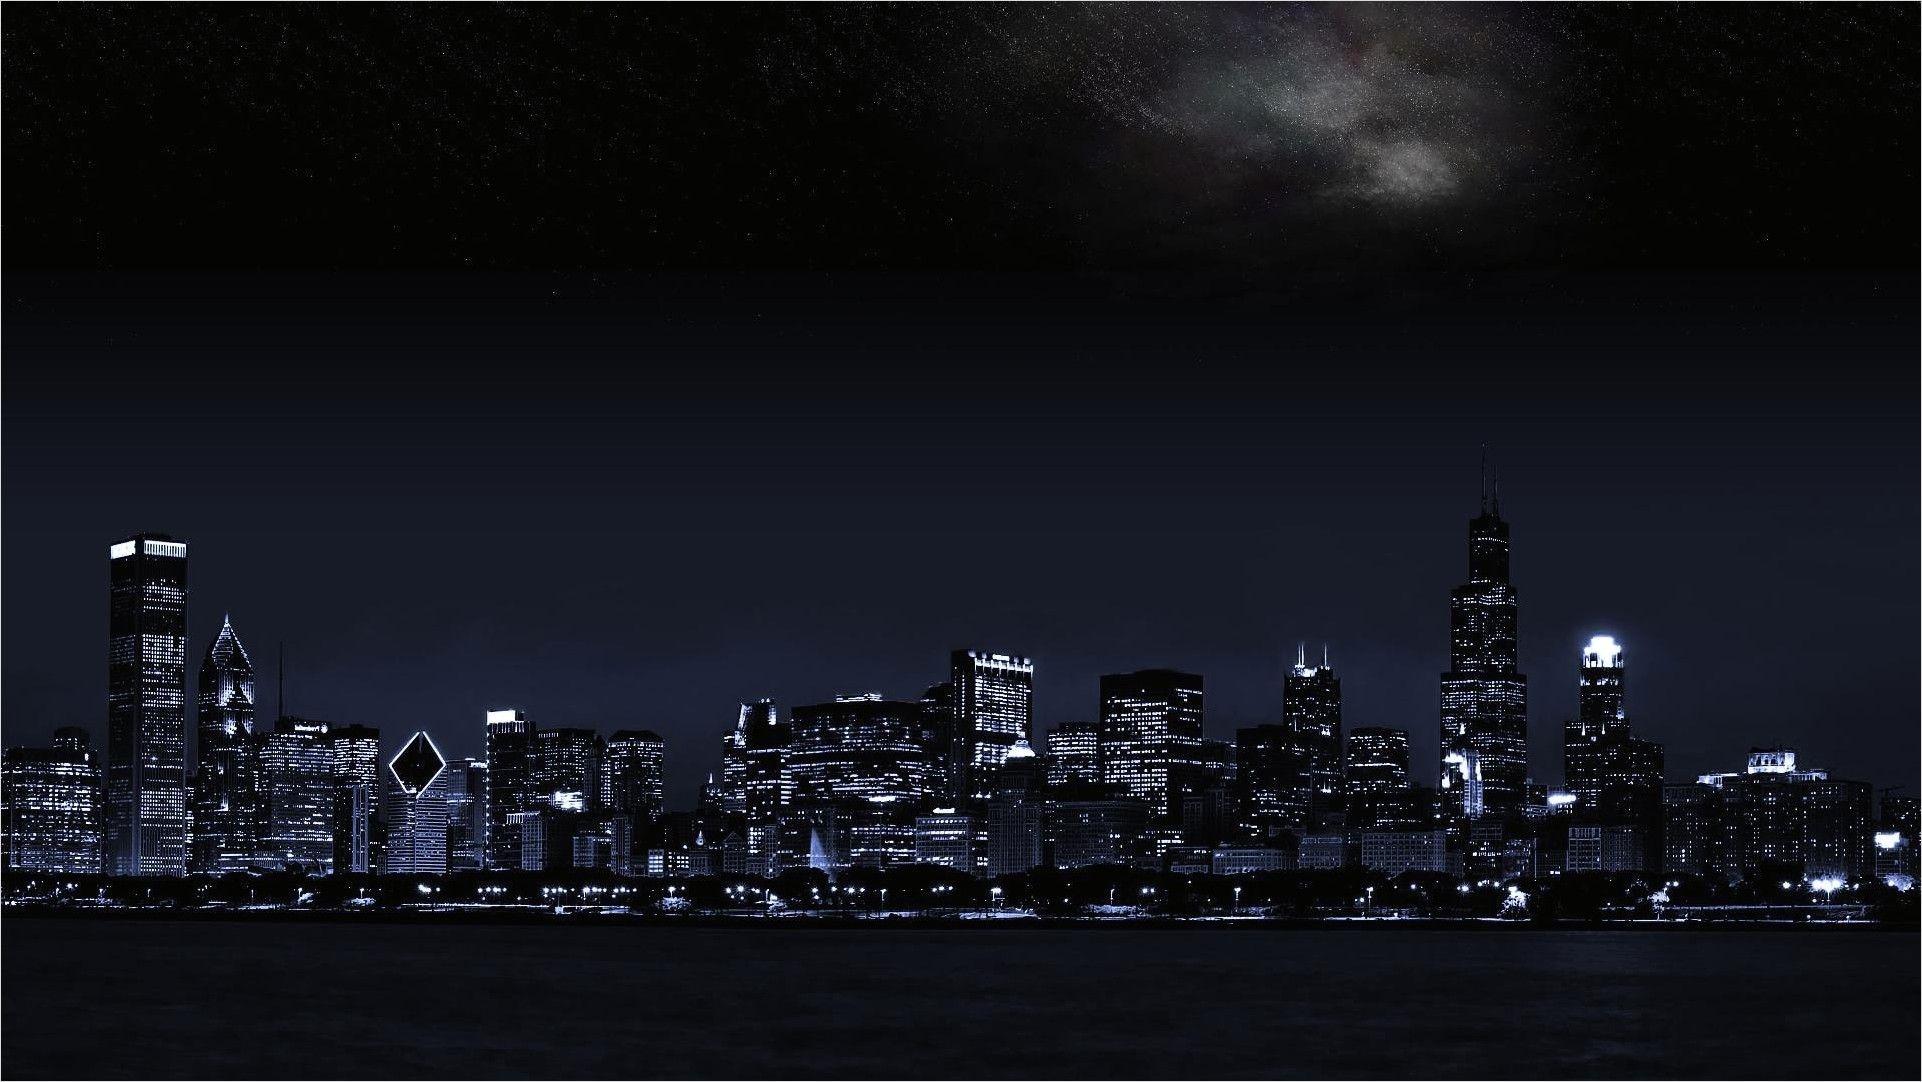 4k And 1080p Dual Monitor Wallpaper Pemandangan Kota Malam